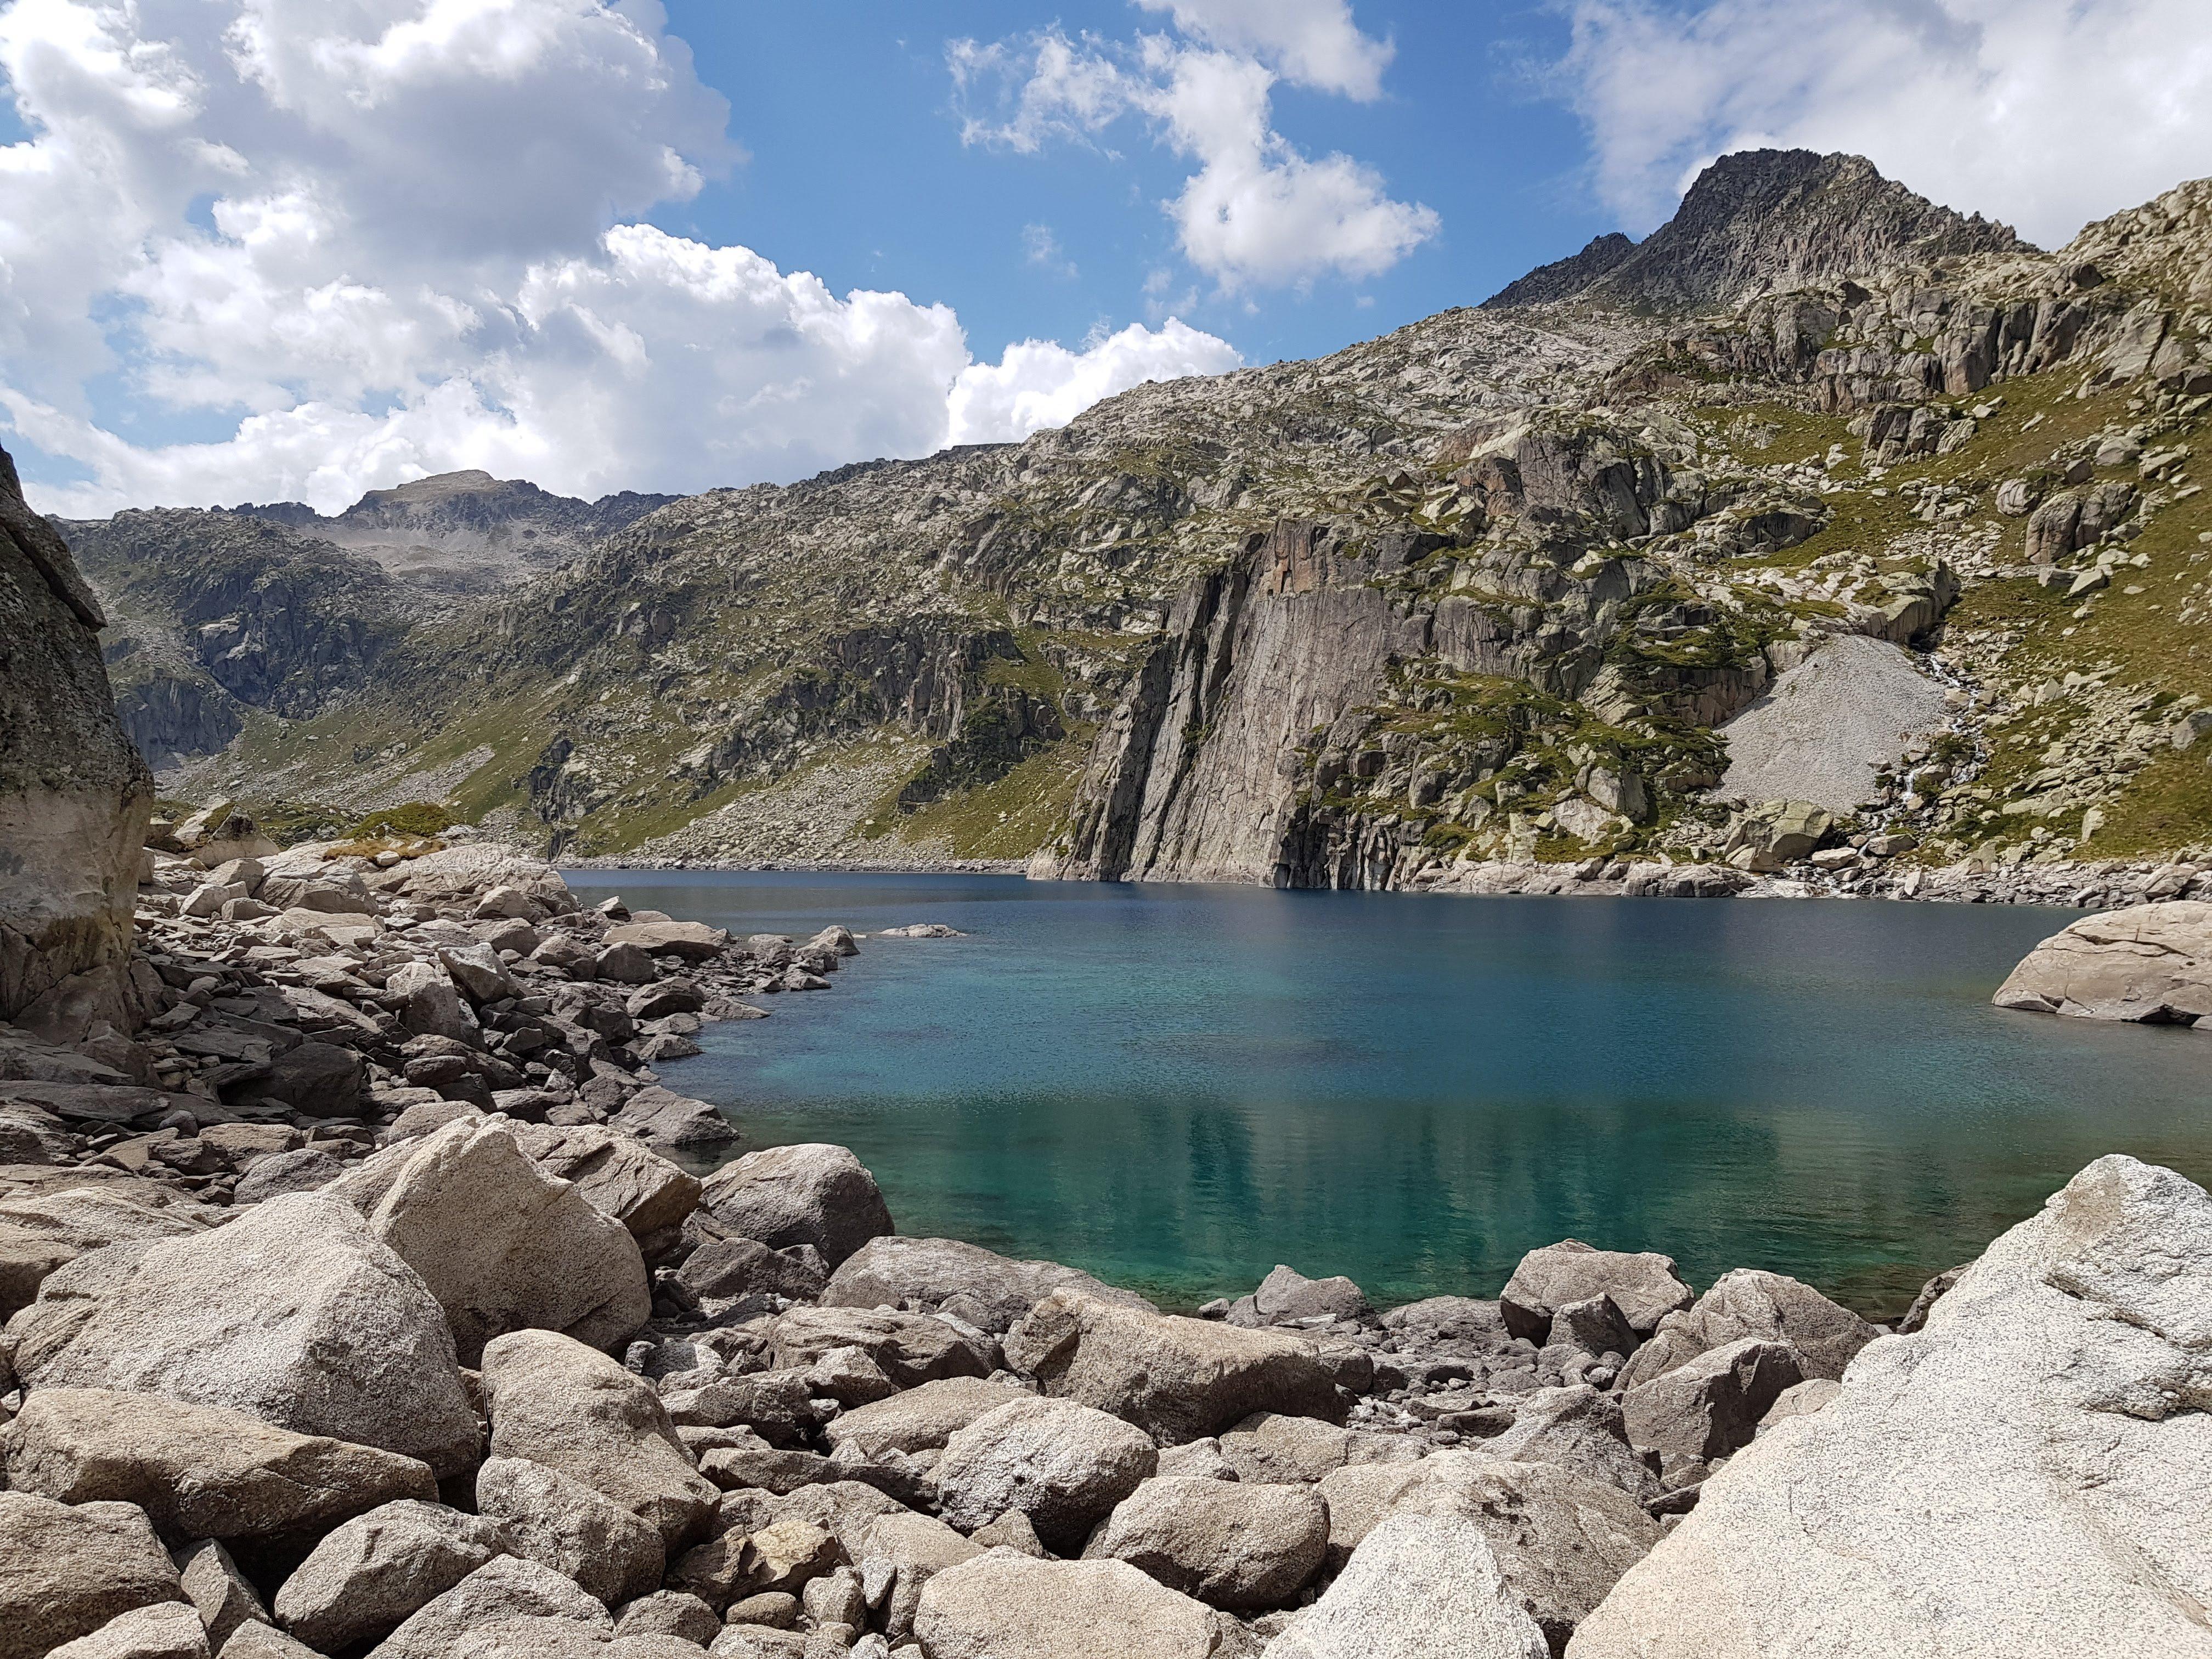 Lac de Mar - Val d'Aran